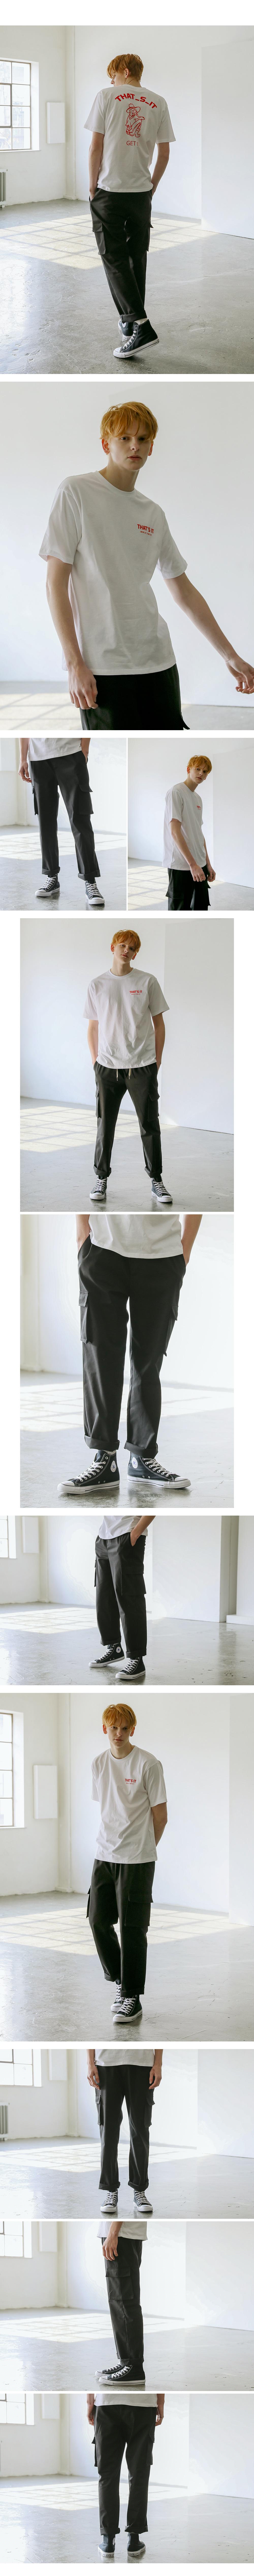 뎃츠잇 (UNISEX) 스탠다드 밴딩 카고 팬츠_블랙